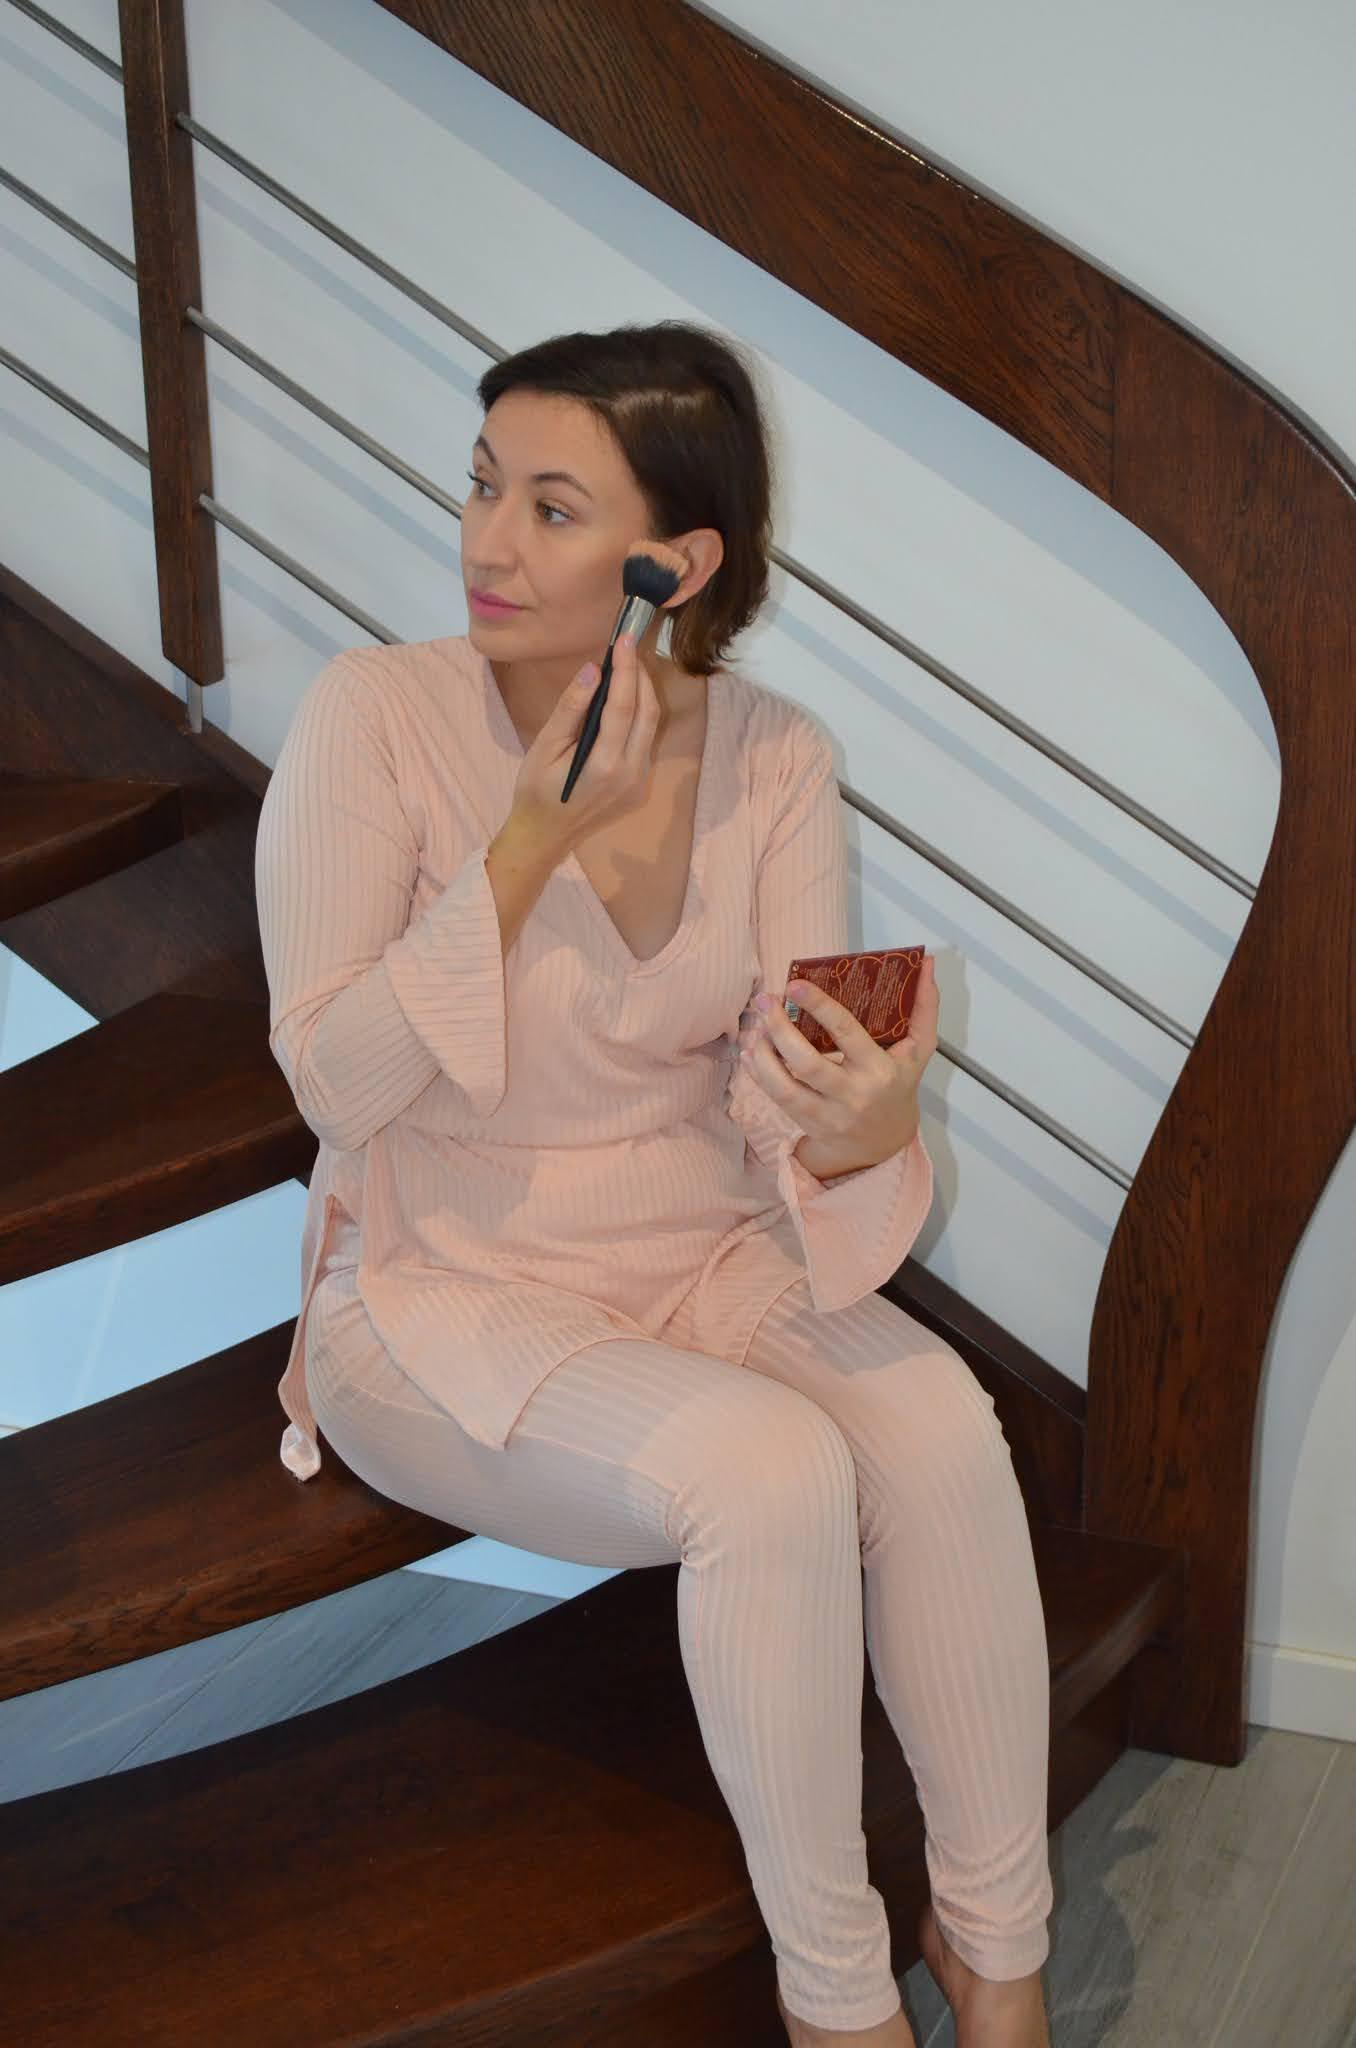 Femme Luxe Irresistible Loungewear